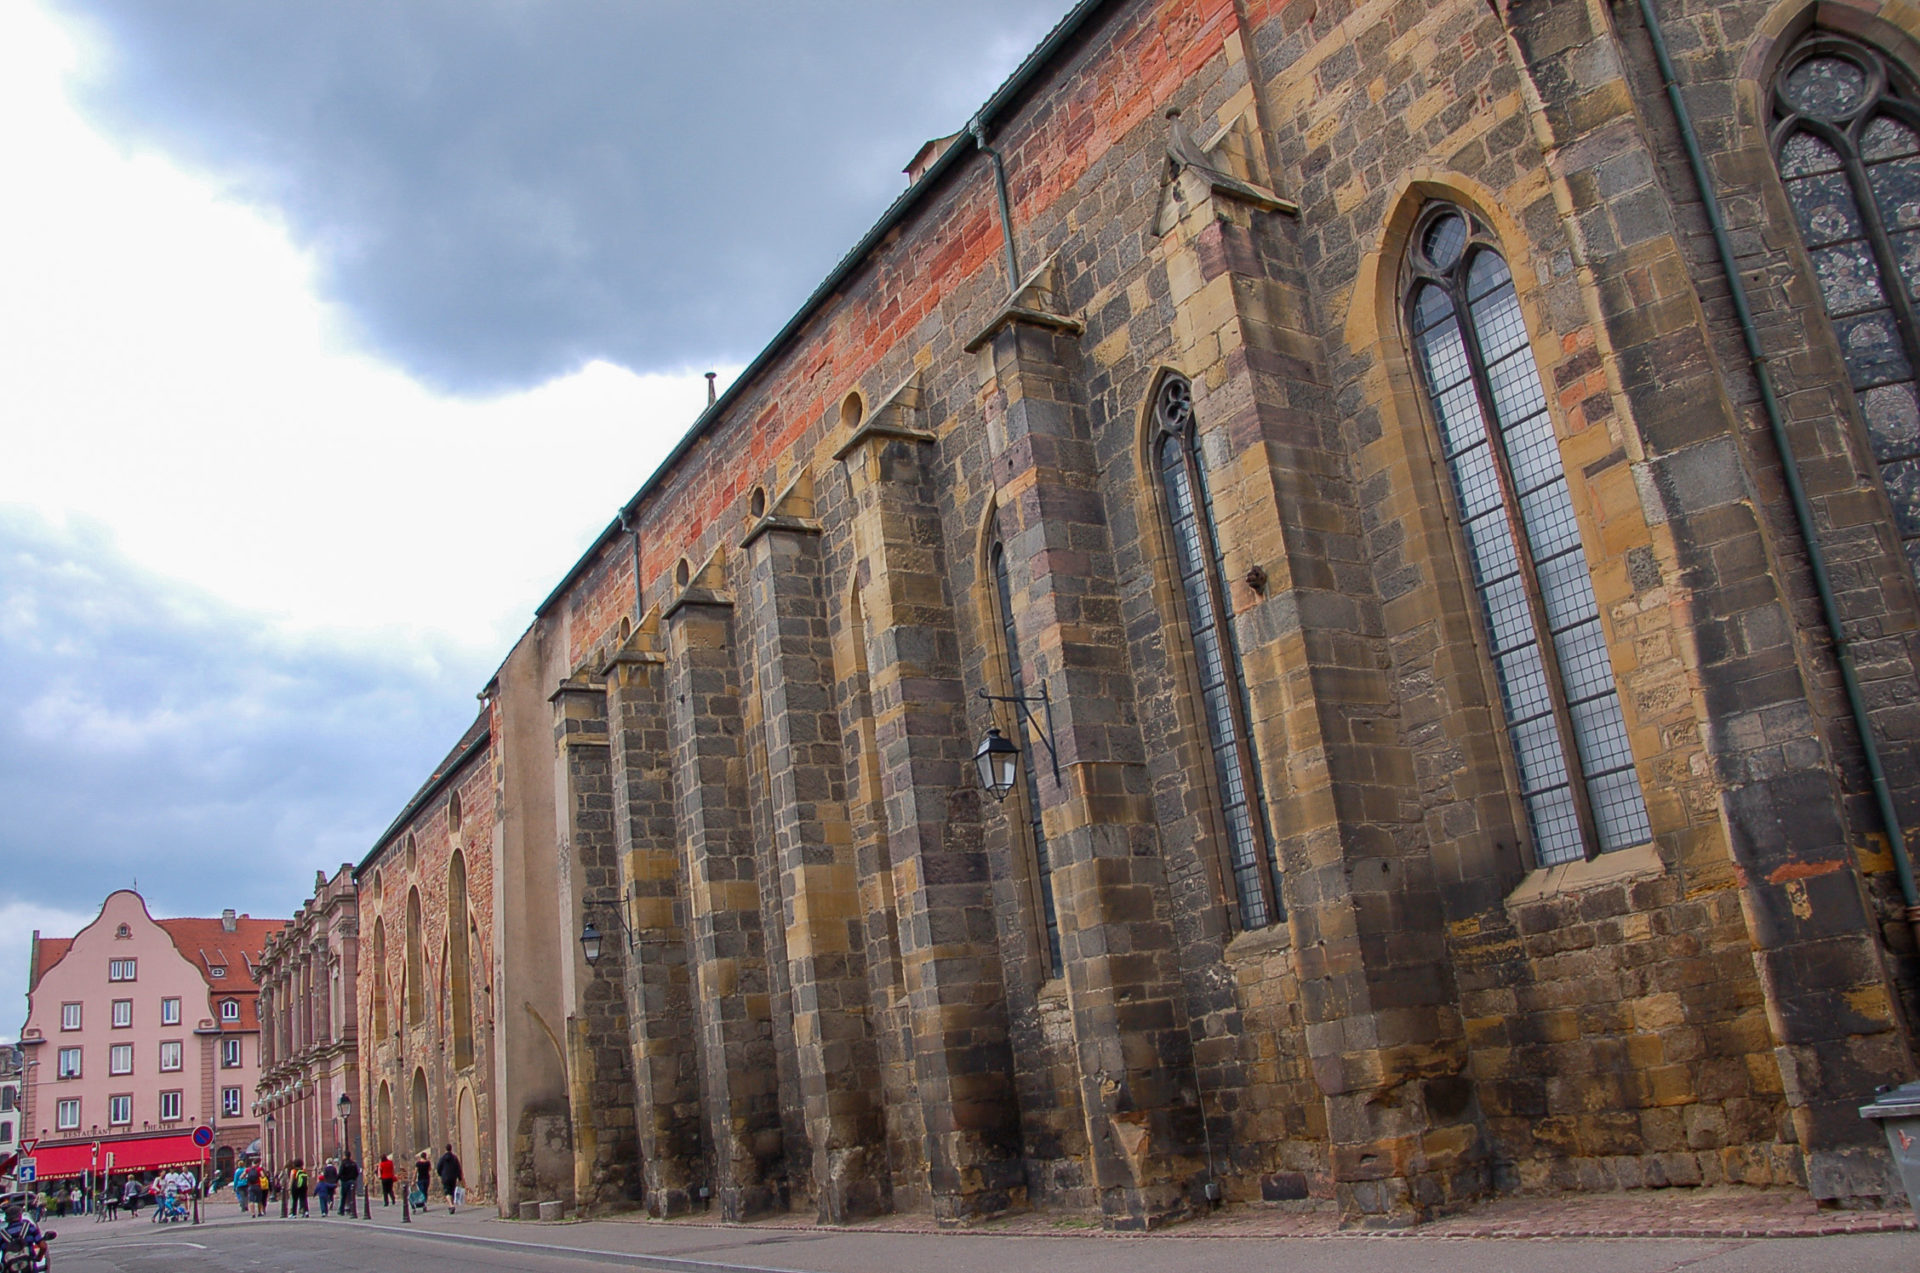 Kirchenschiff in Colmar im Elsass